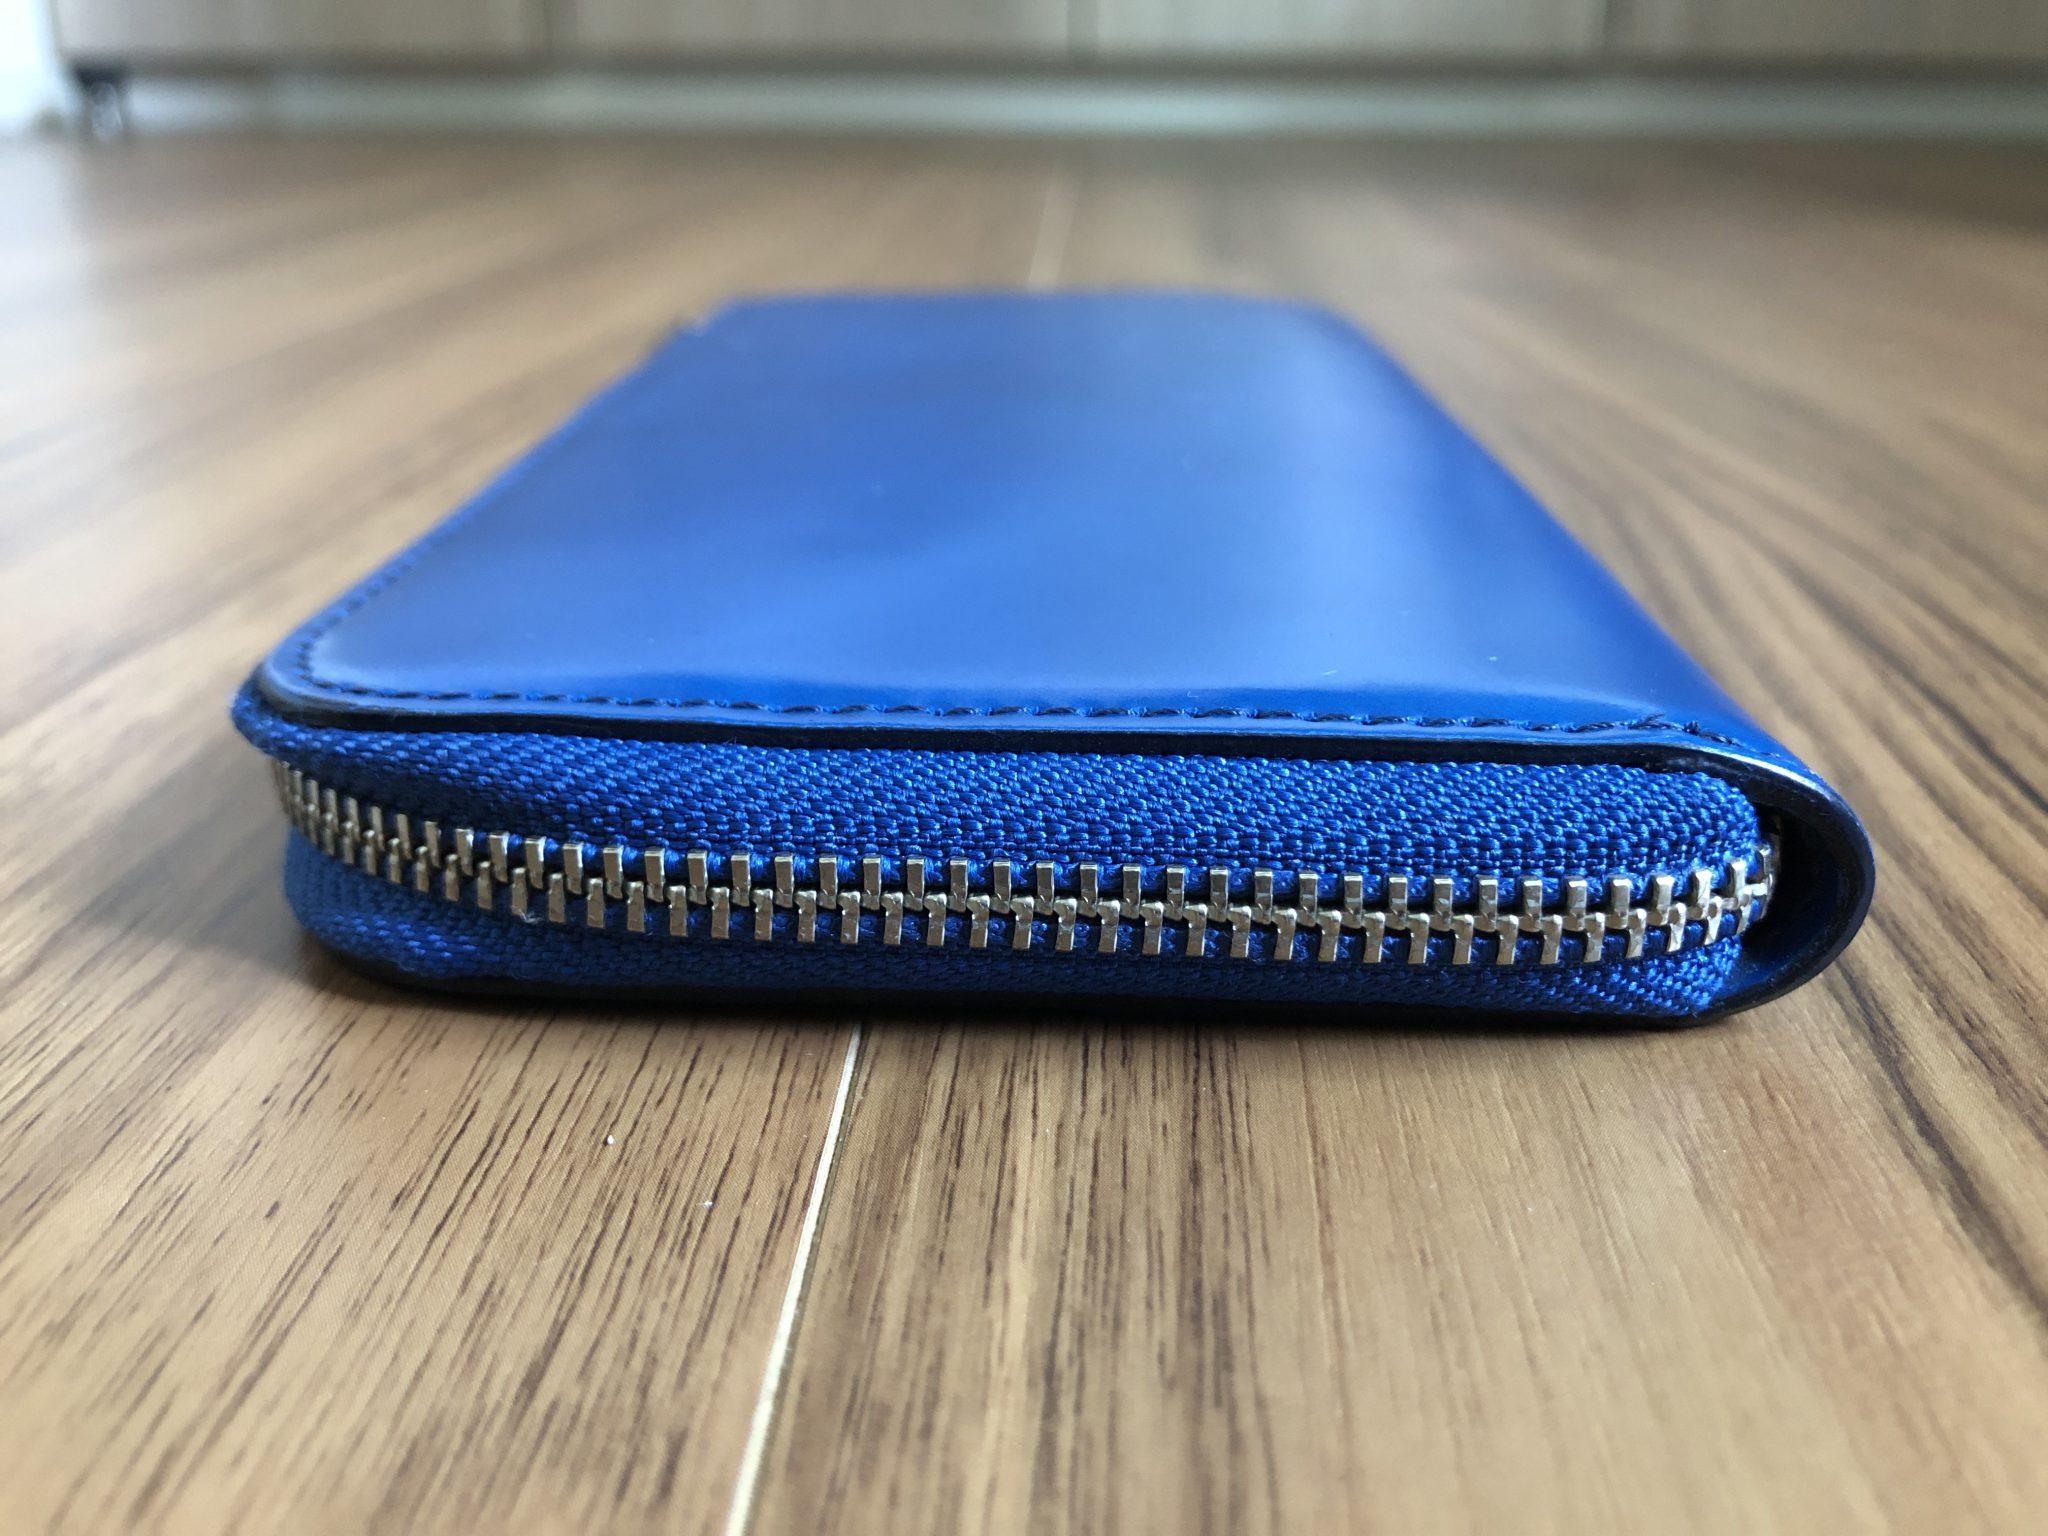 コードバン L字 財布 ウォレット エイジング 経年変化 半年 側面 ファスナー面